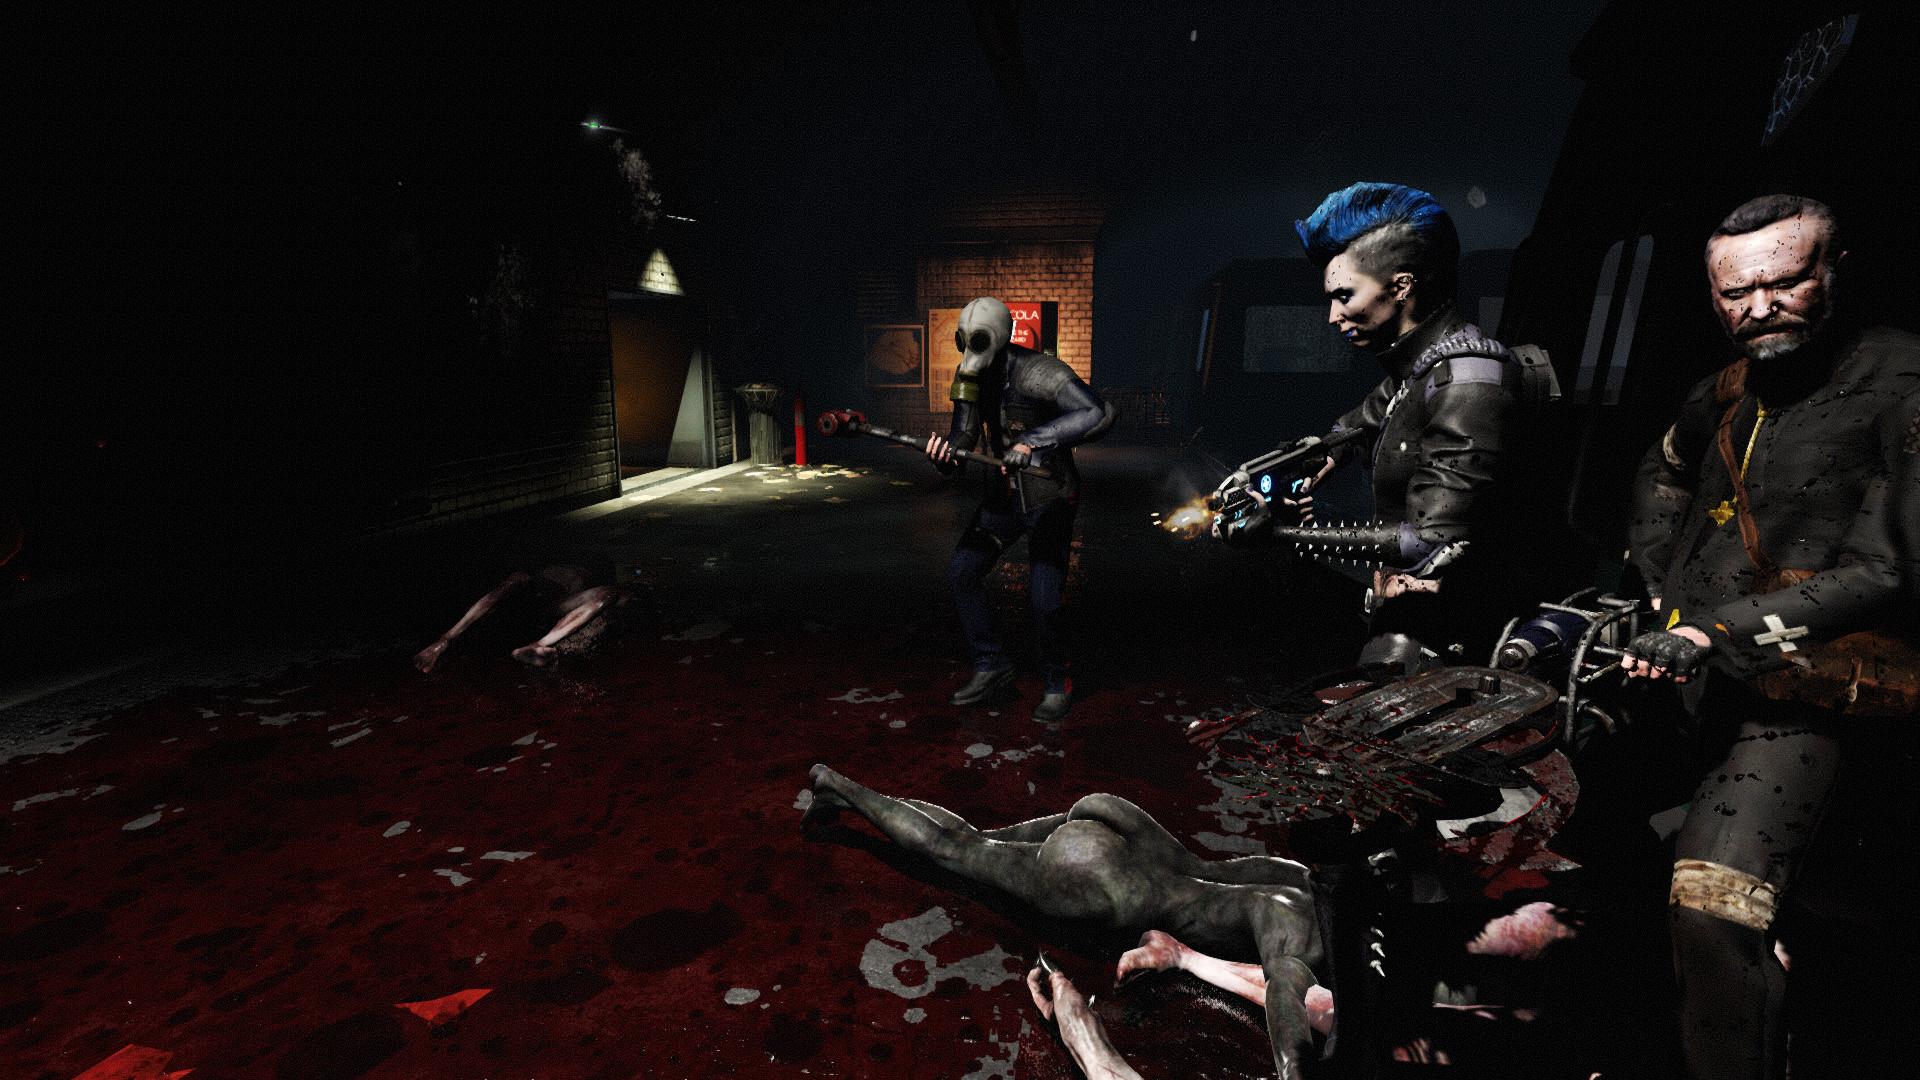 Obrázky zalité krví z Killing Floor 2 104284